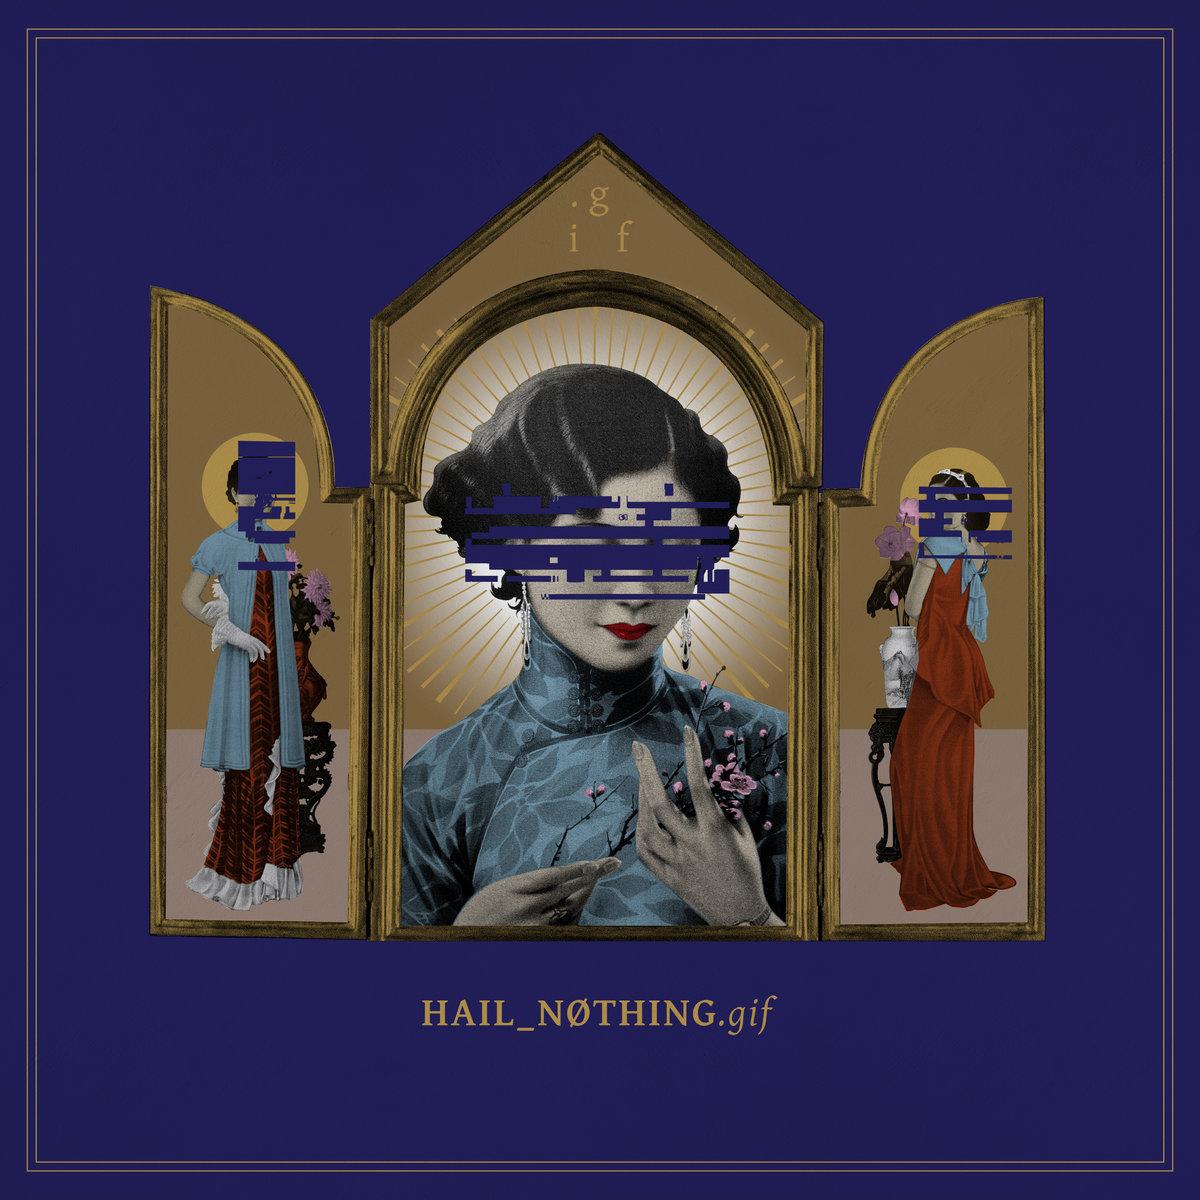 gif - Hail Nothing